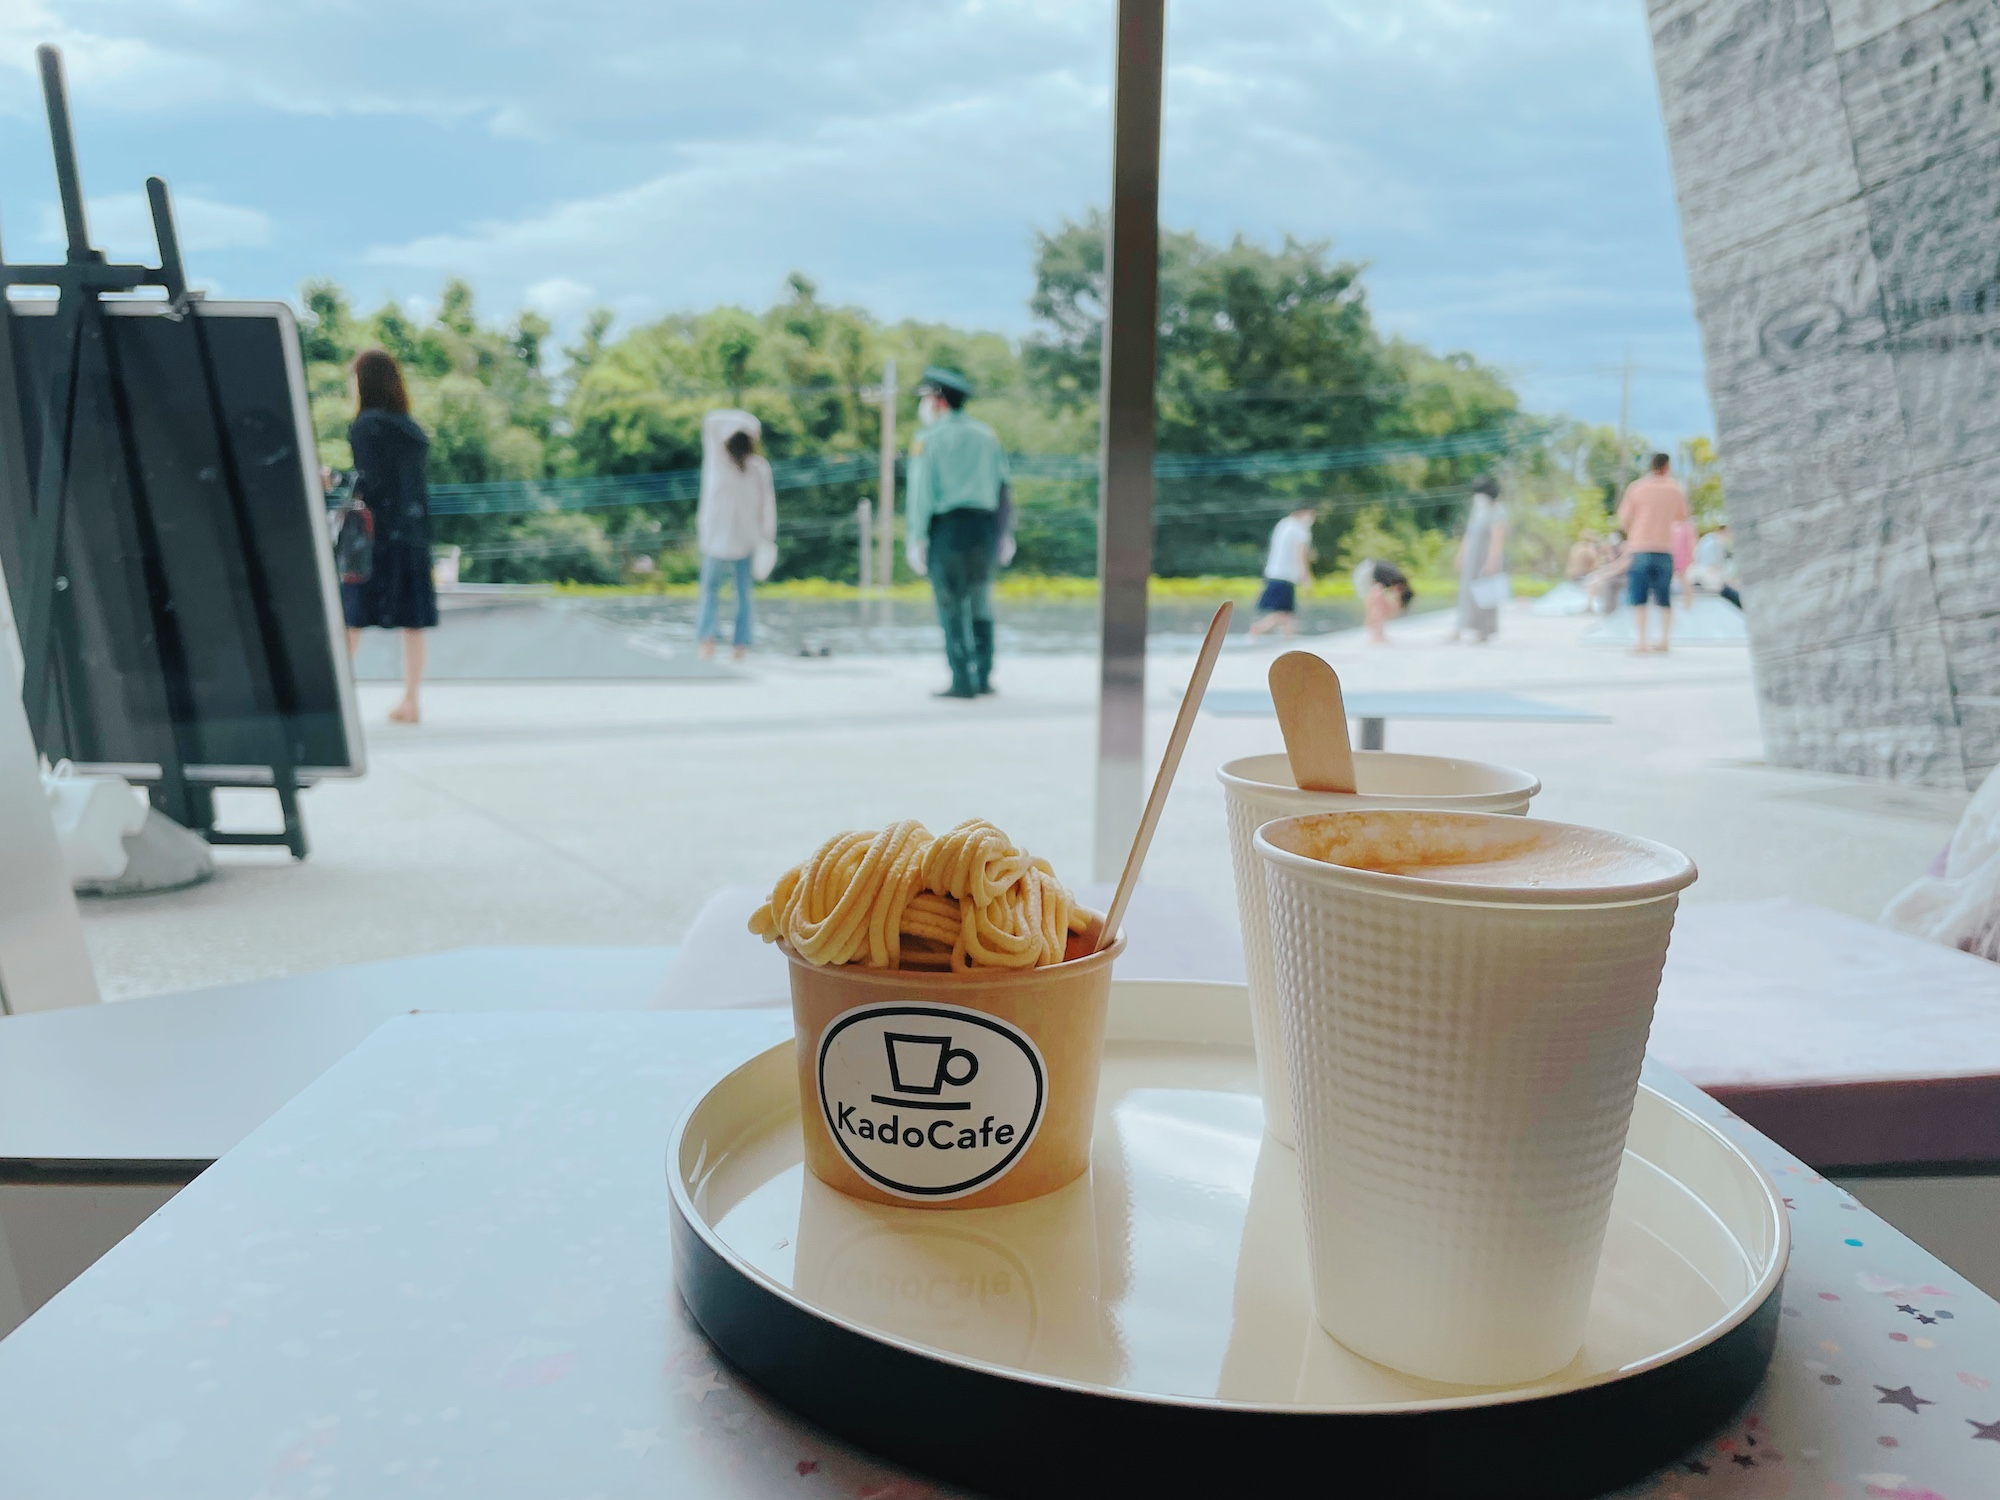 角川武蔵野ミュージアム周辺で、大人も楽しめる観光スポット周遊♪_11